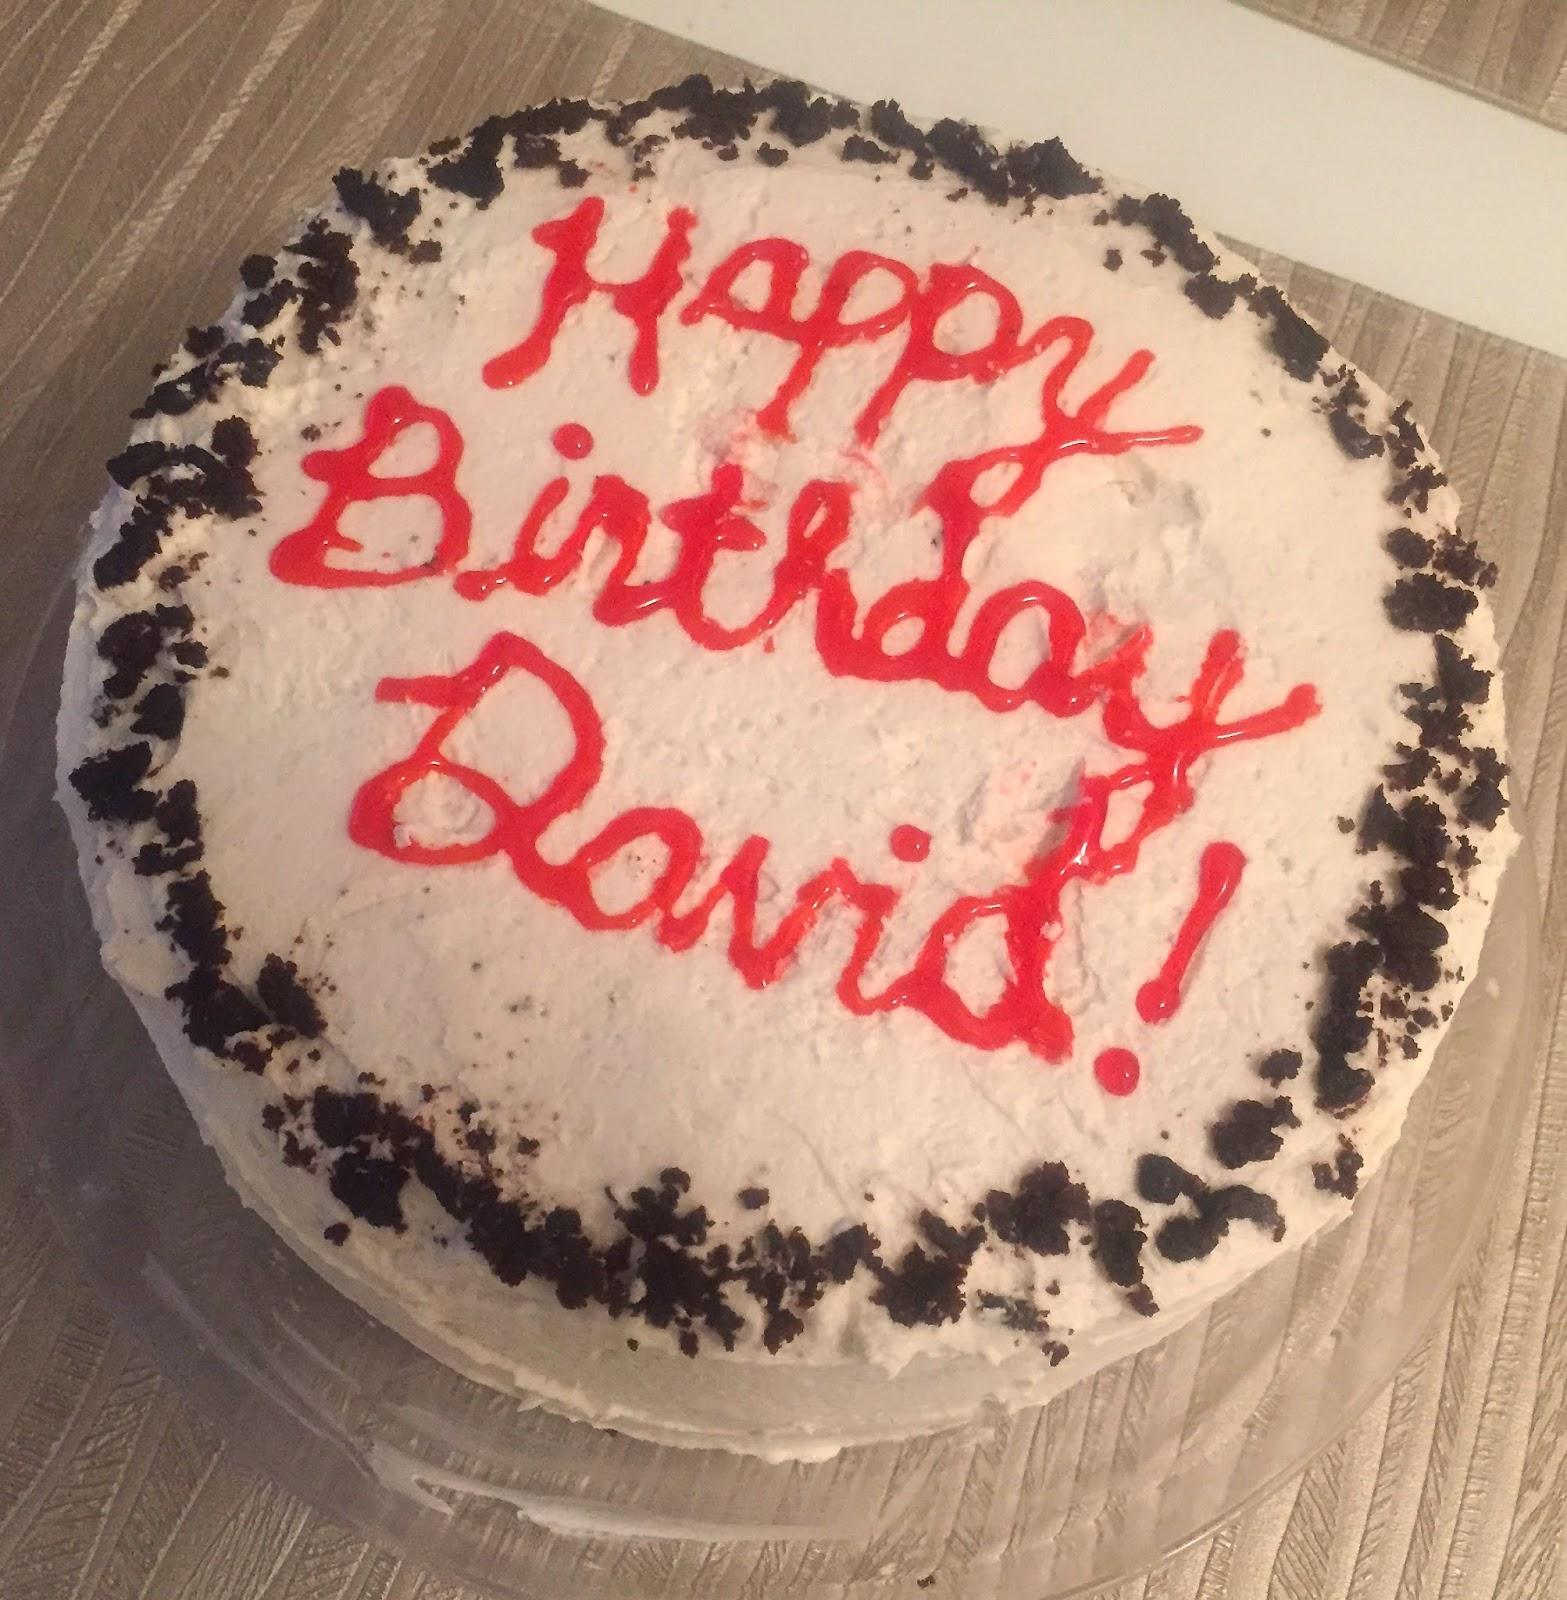 Happy Birthday David Cake Red Writing Vanilla